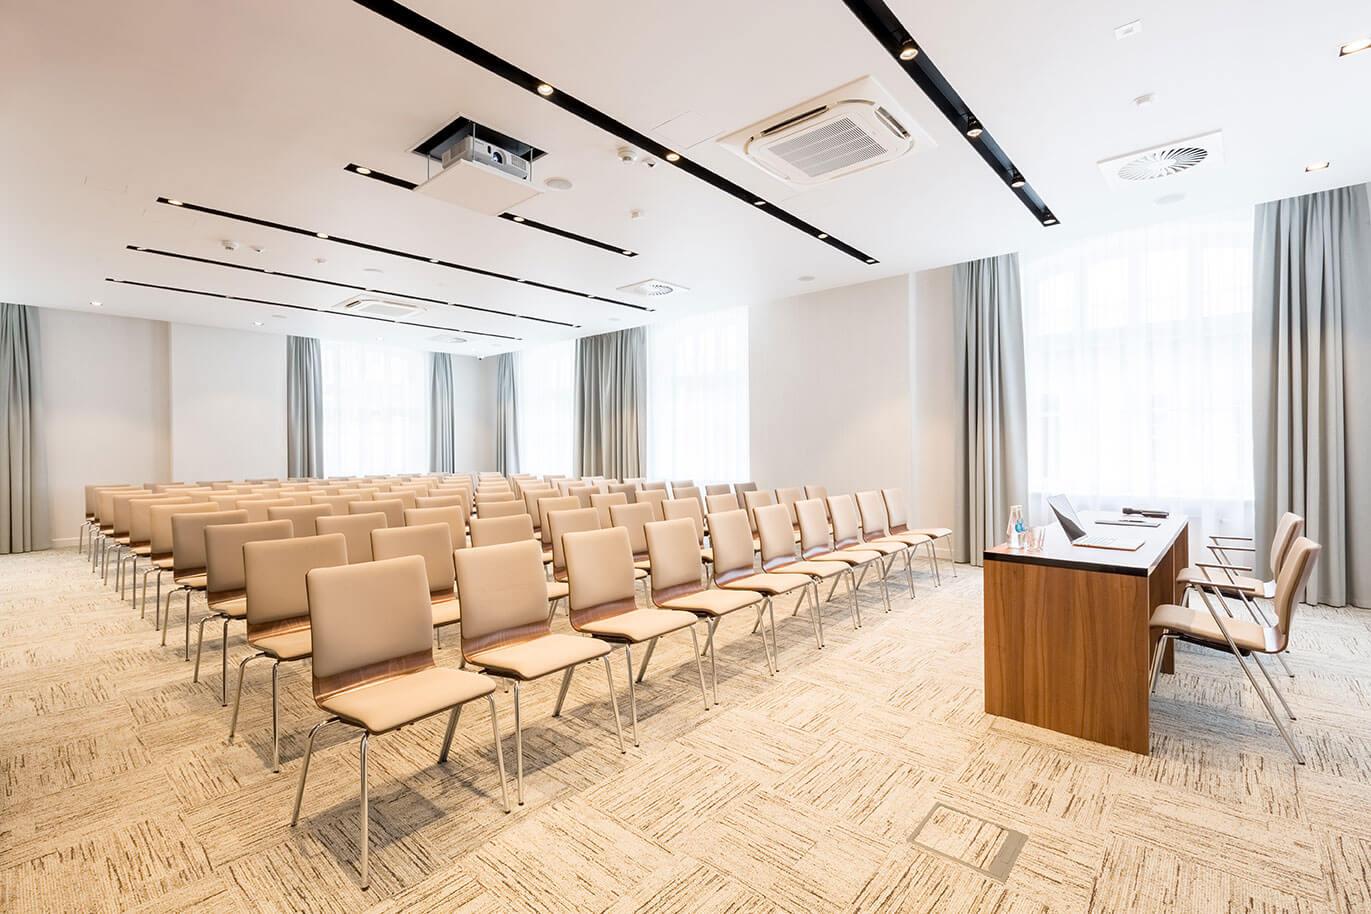 Salle de conférence à l'hôtel Grand Ascot à Cracovie